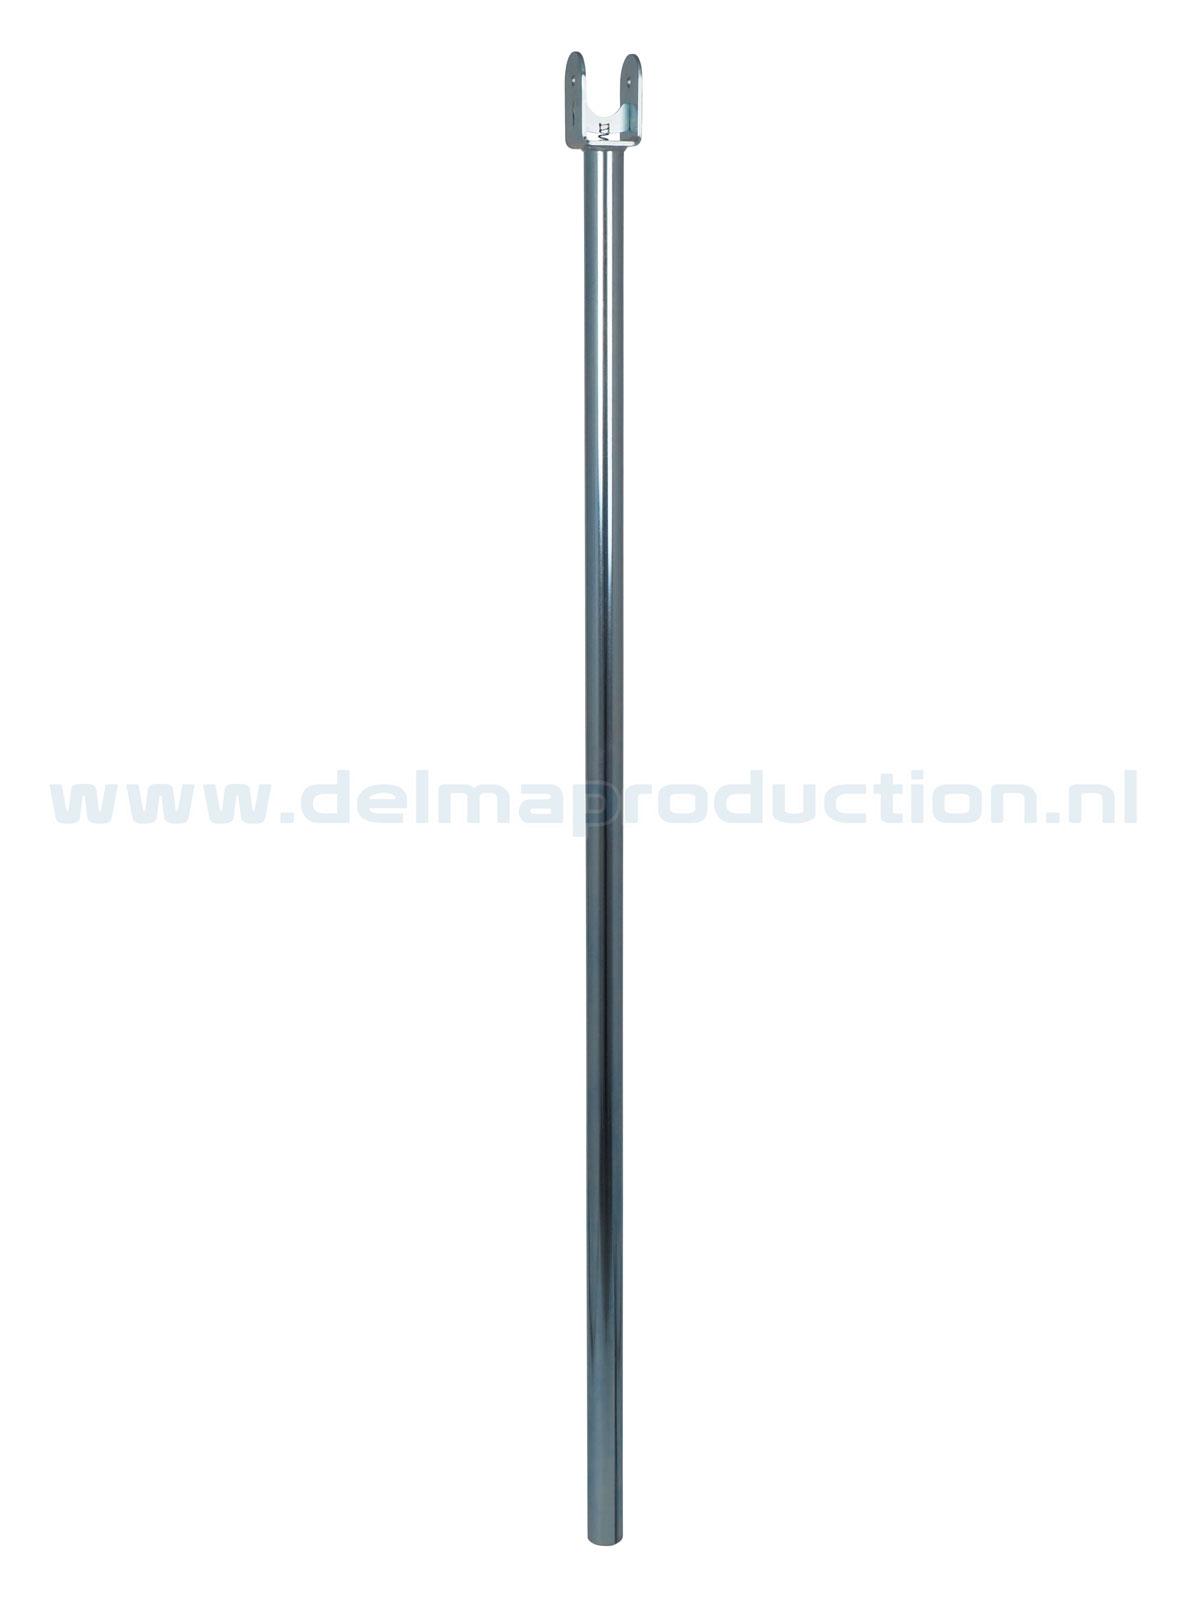 Binnenbuis statief 1,2 m Ø 30 met Quick Release aansluiting